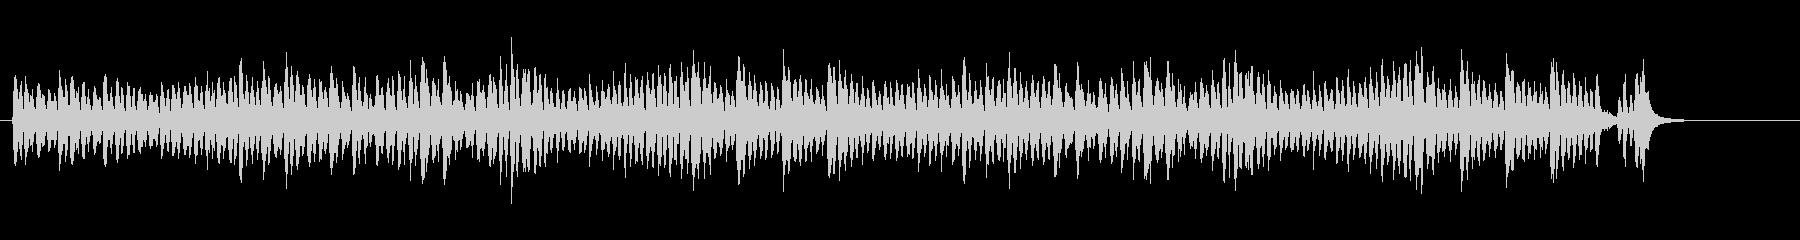 クラシカル調のコミカル・サウンドの未再生の波形